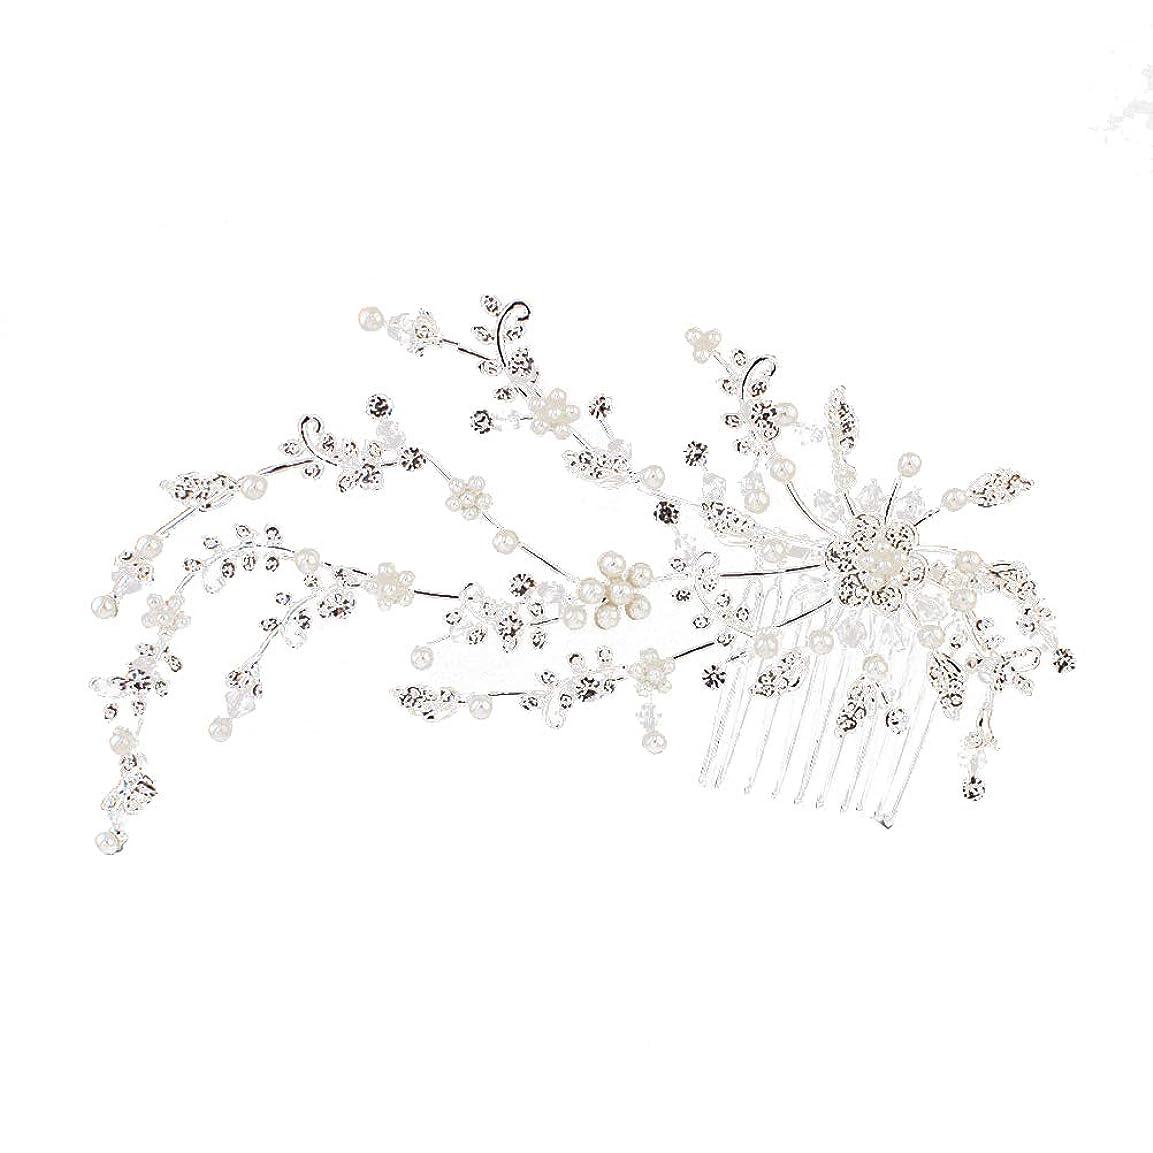 下着無駄不安定LURROSE クリスタルラインストーンヘアコームのかかった真珠ビーズダイヤモンドヘアピース合金の花のヘッドドレス手作りティアラウェディングブライダルヘアアクセサリーヘアピン用女性装飾ギフト